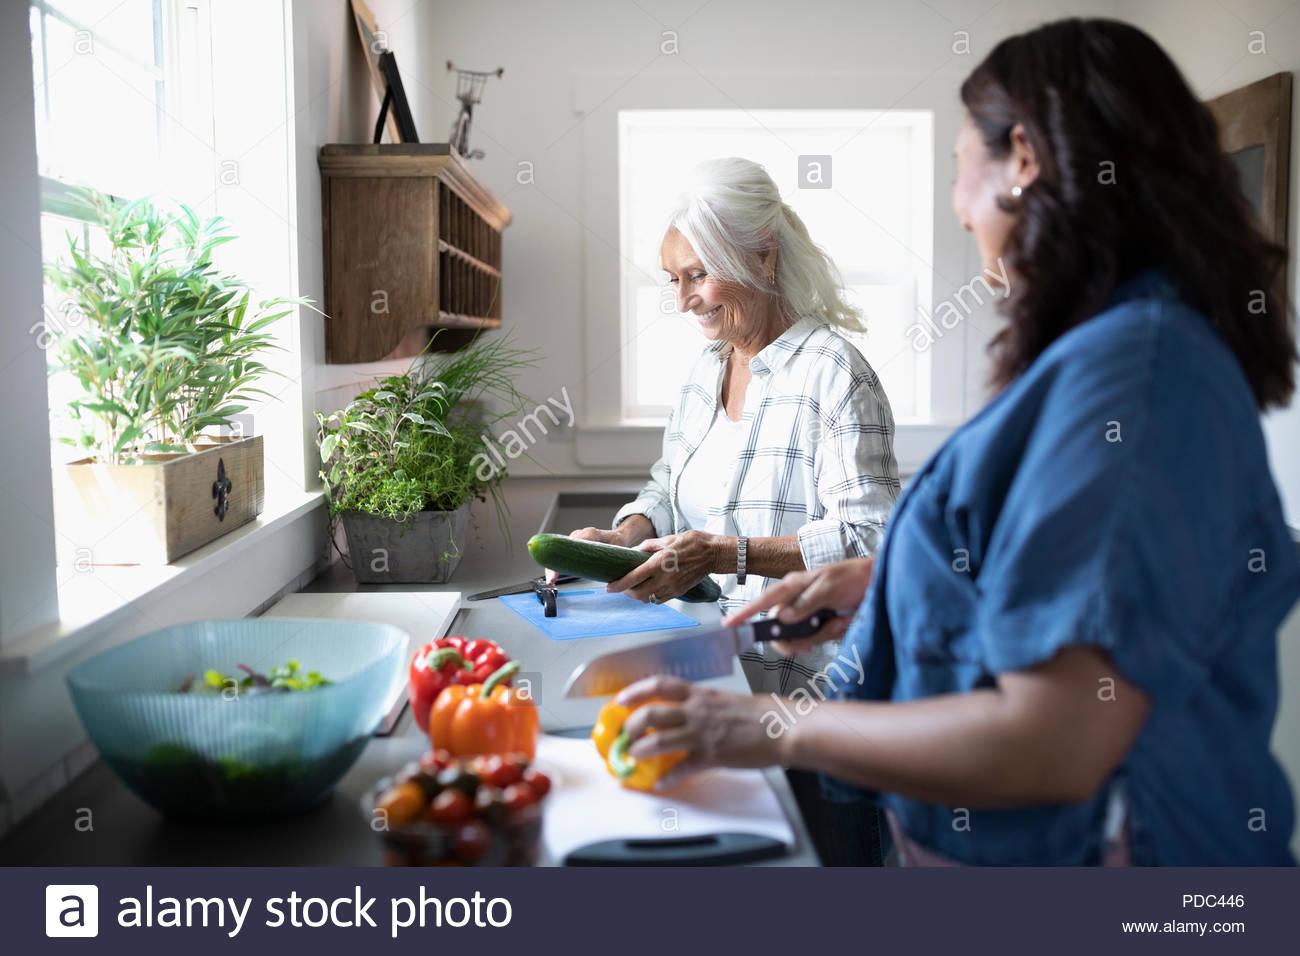 La figlia e la madre senior la cottura tagliare le verdure in cucina Immagini Stock